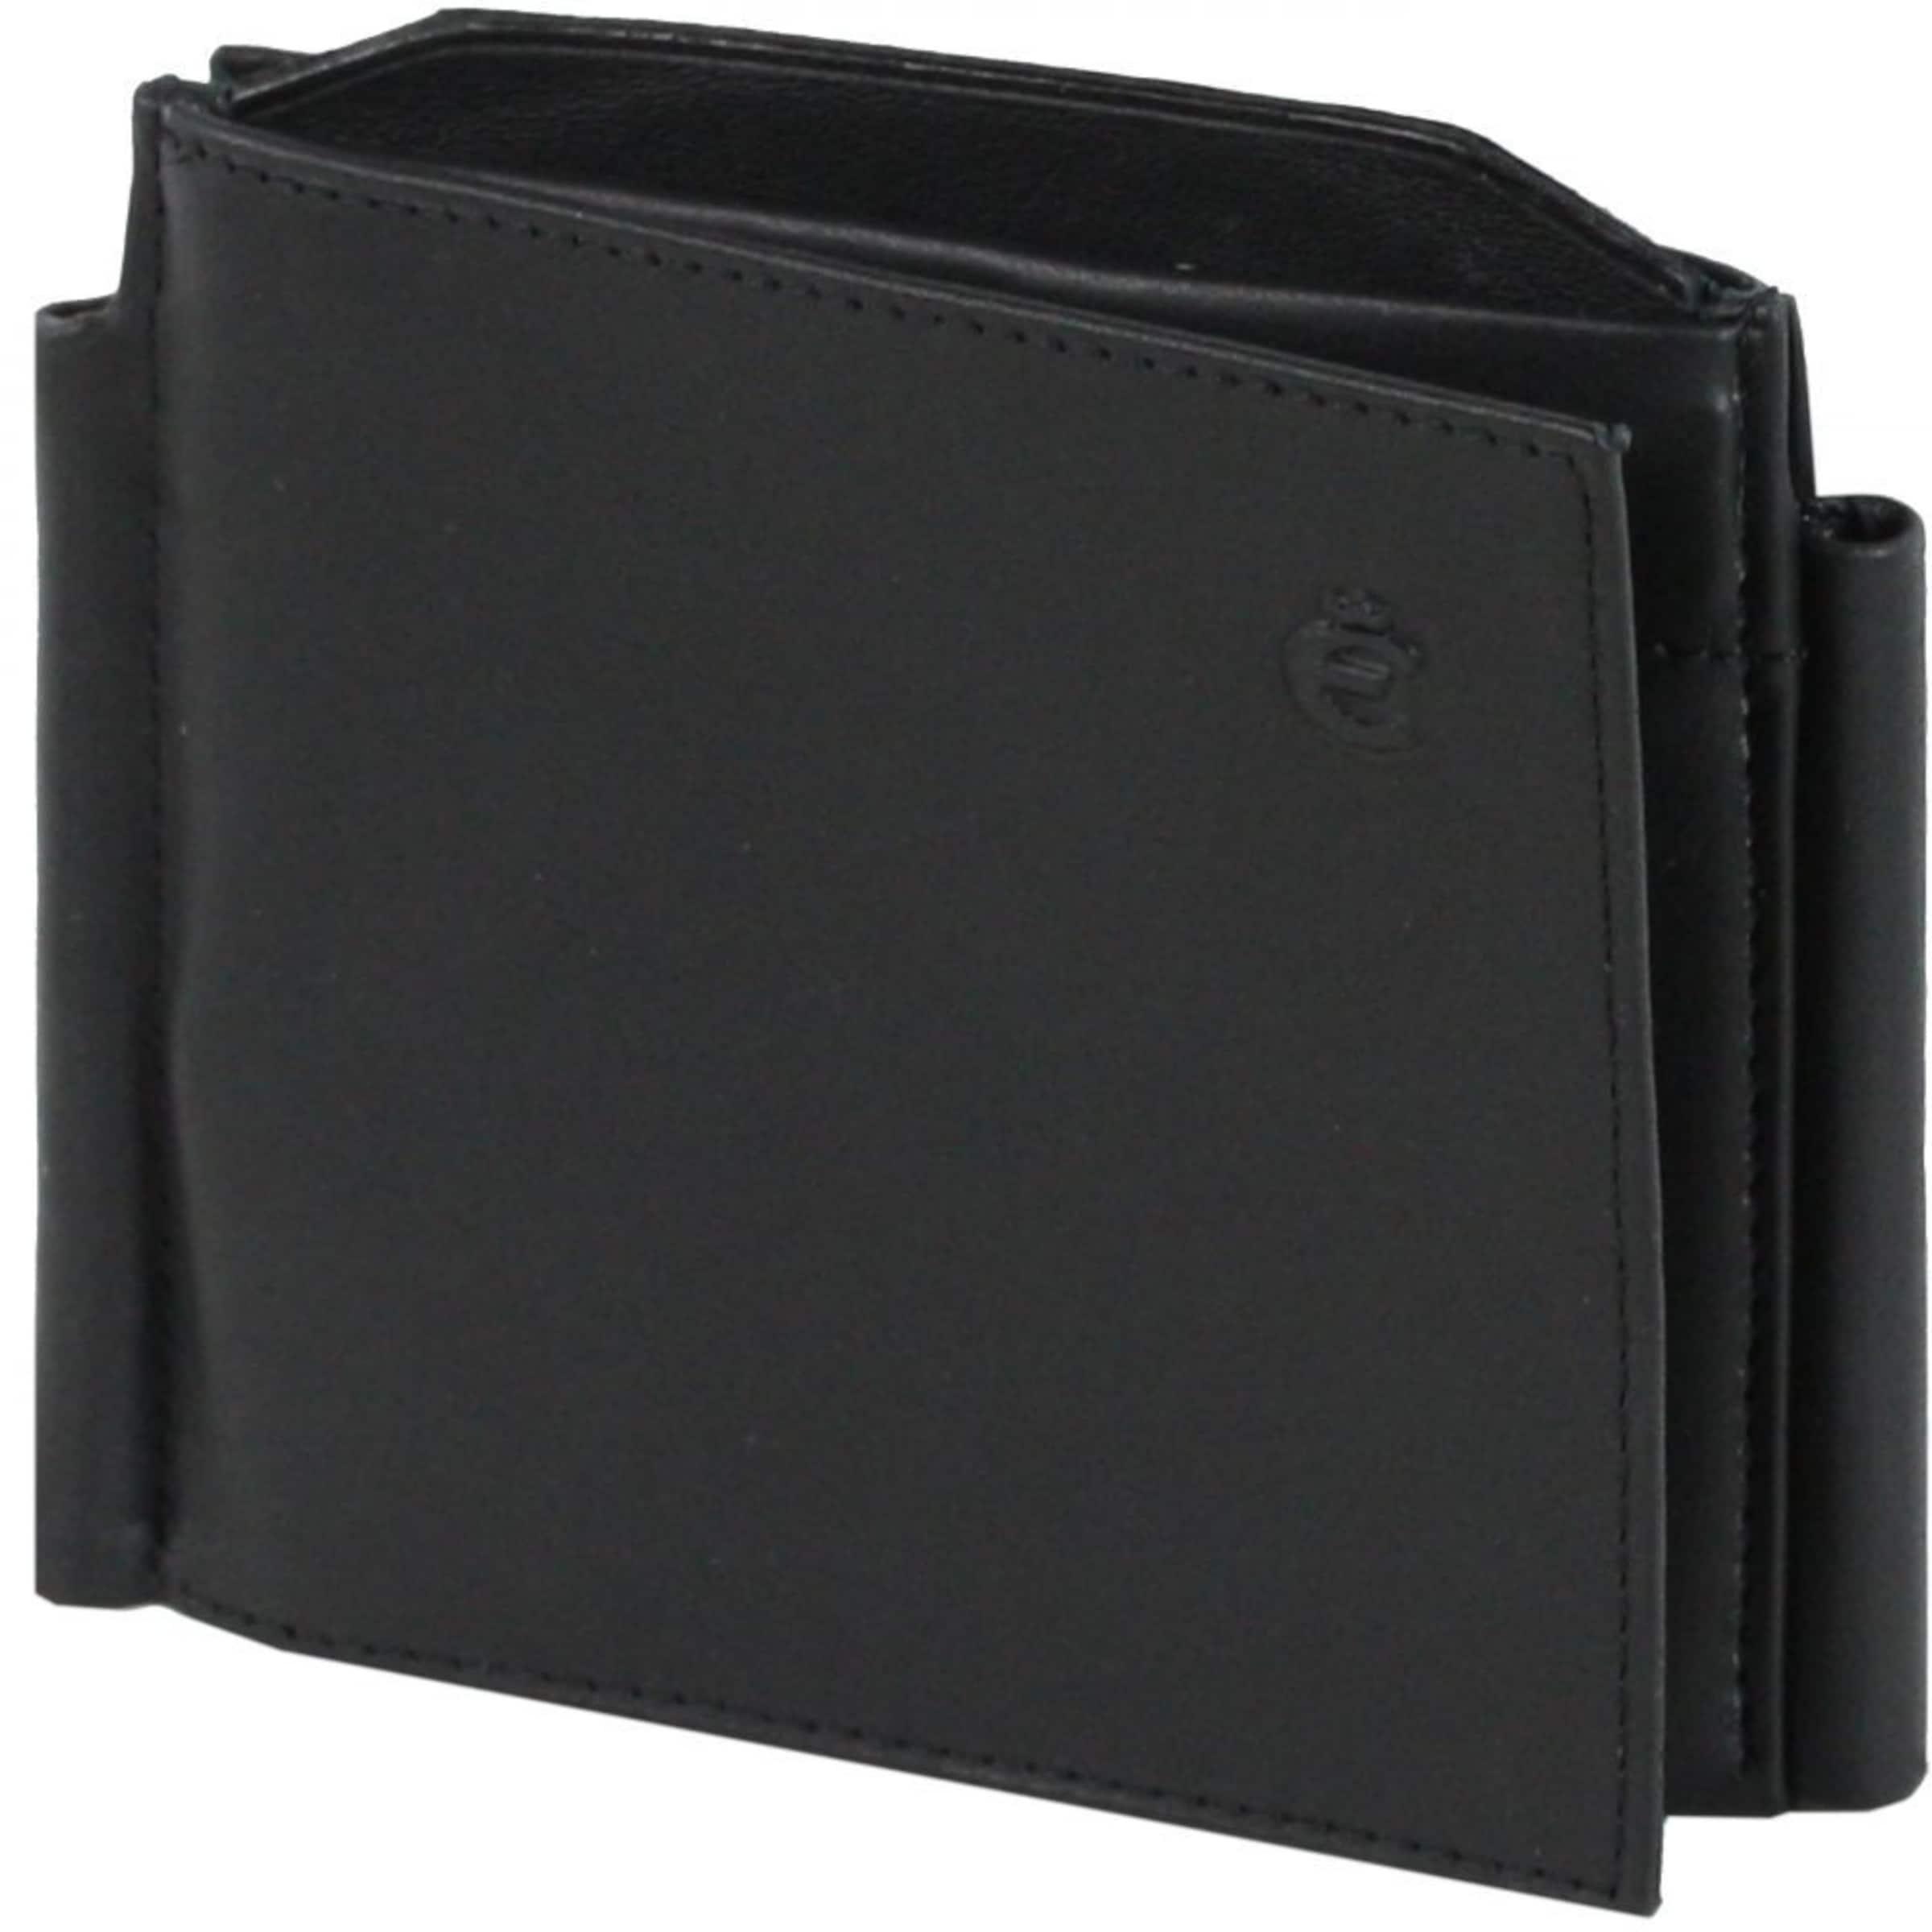 monnaies Porte Noir En 'logo' Esquire 4LRS5jqc3A